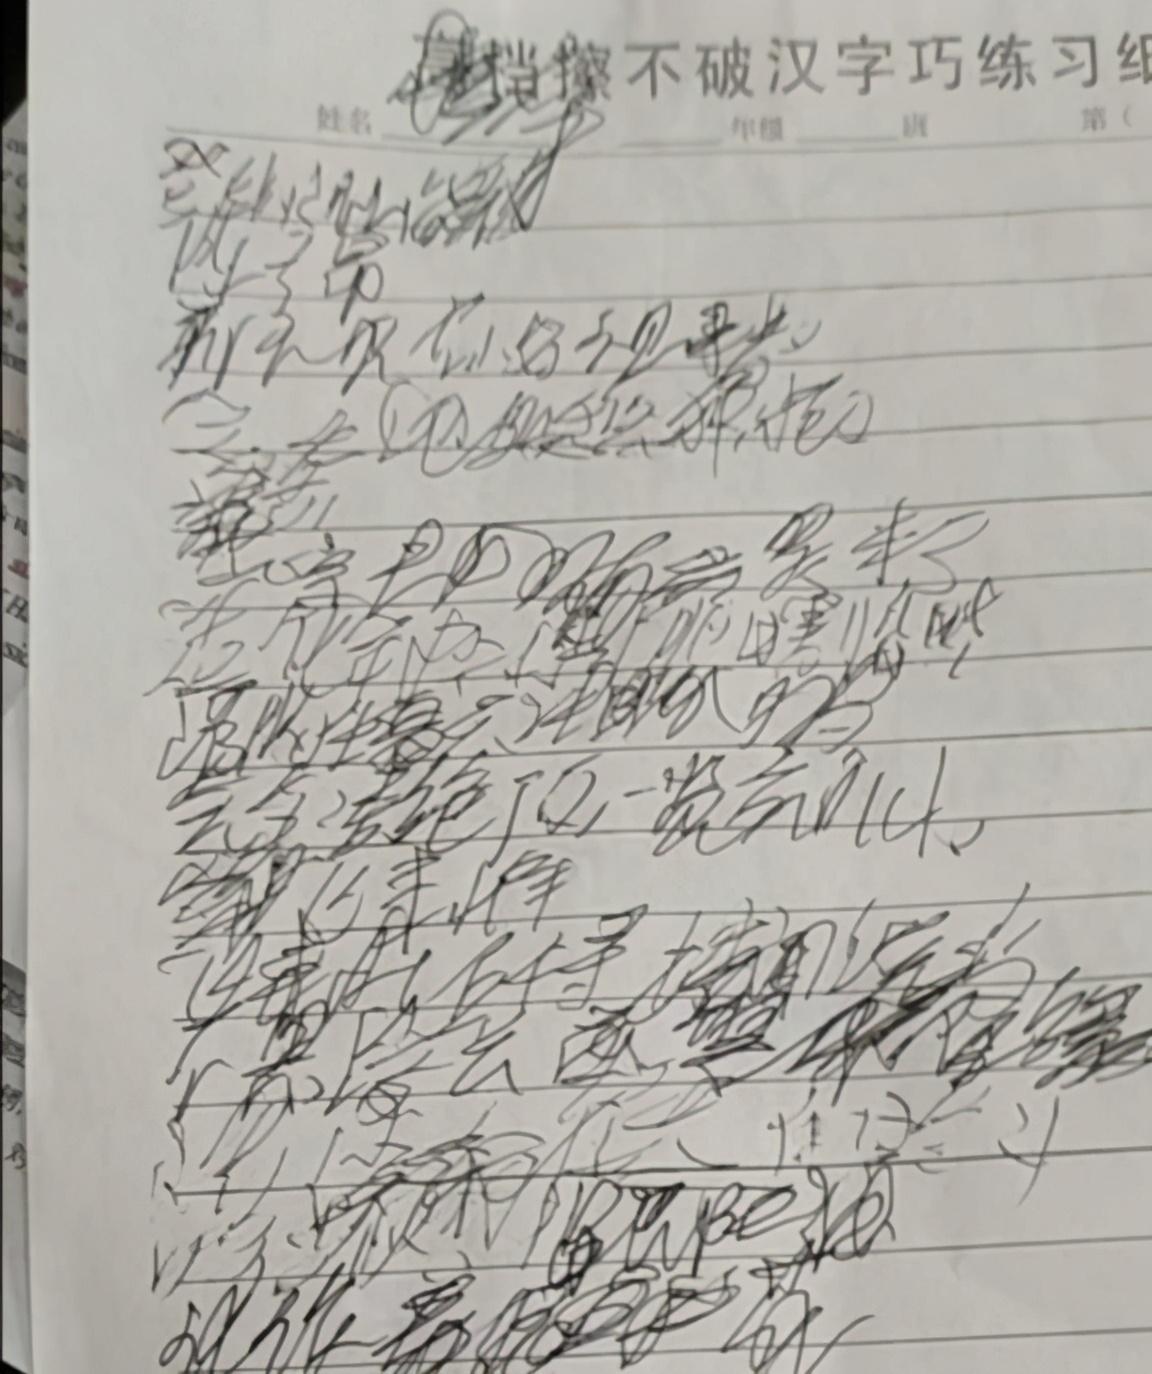 """小学生""""钢丝球字体""""火了,宛如一团毛线球,老师批改作业犯难"""